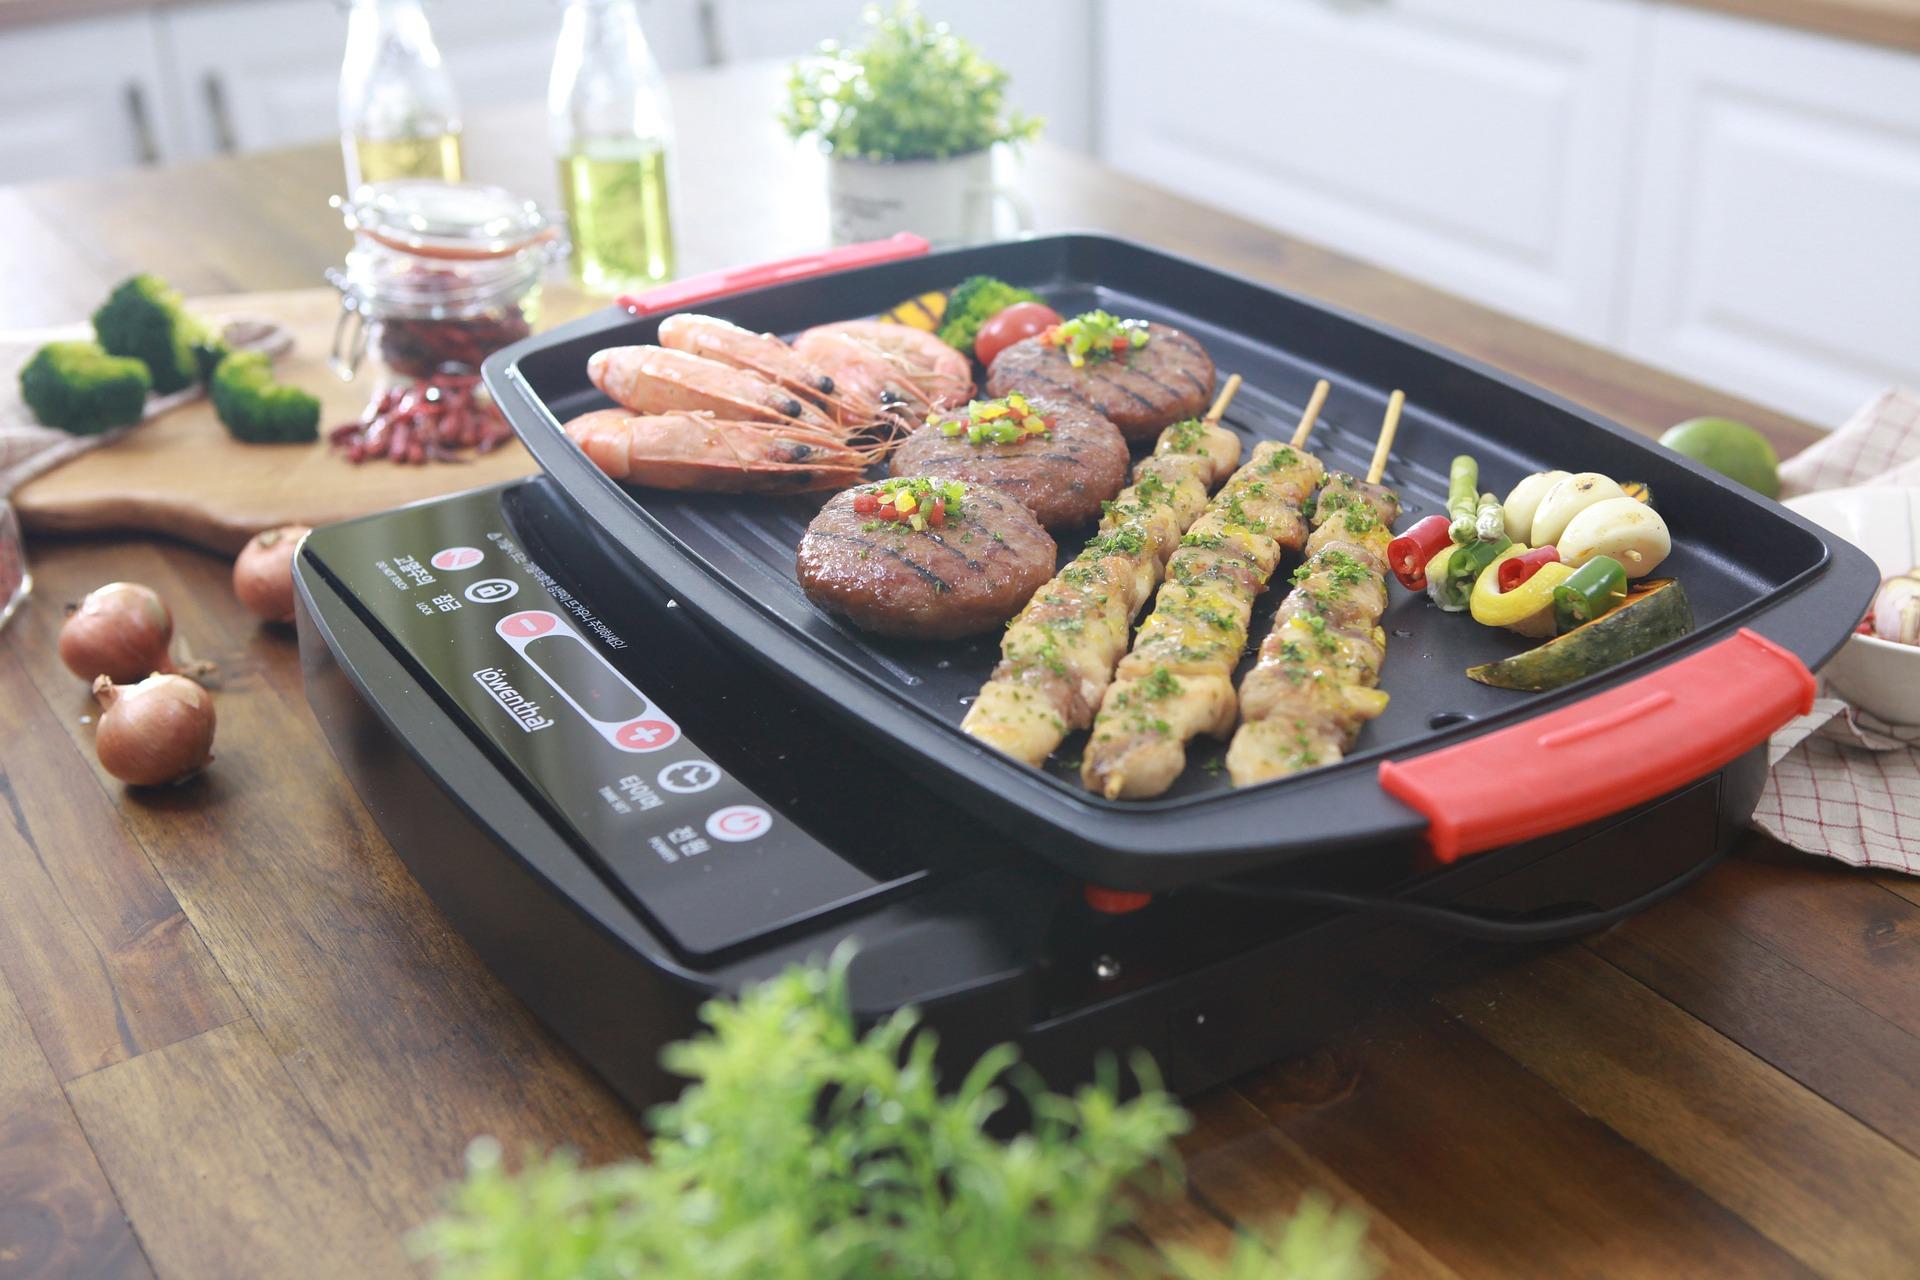 Grill elétrico em uma mesa de madeira sendo usado para a preparação de legumes, carnes e frutos do mar.